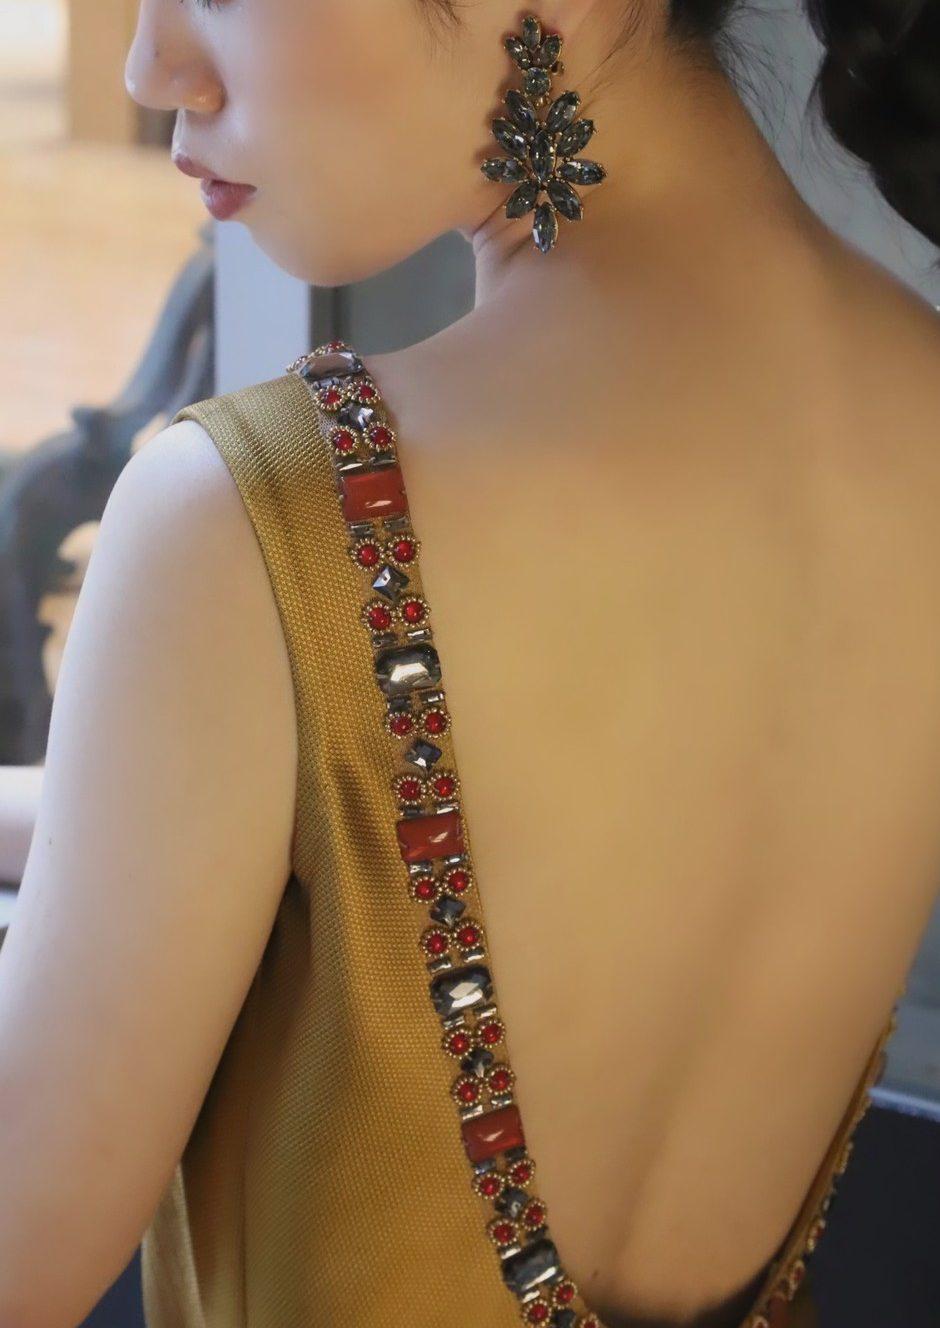 オスカーデラレンタのブラックイヤリングは上品かつ気品を感じさせインパクトのある印象になりラグジュアリーなドレスとの相性は抜群です